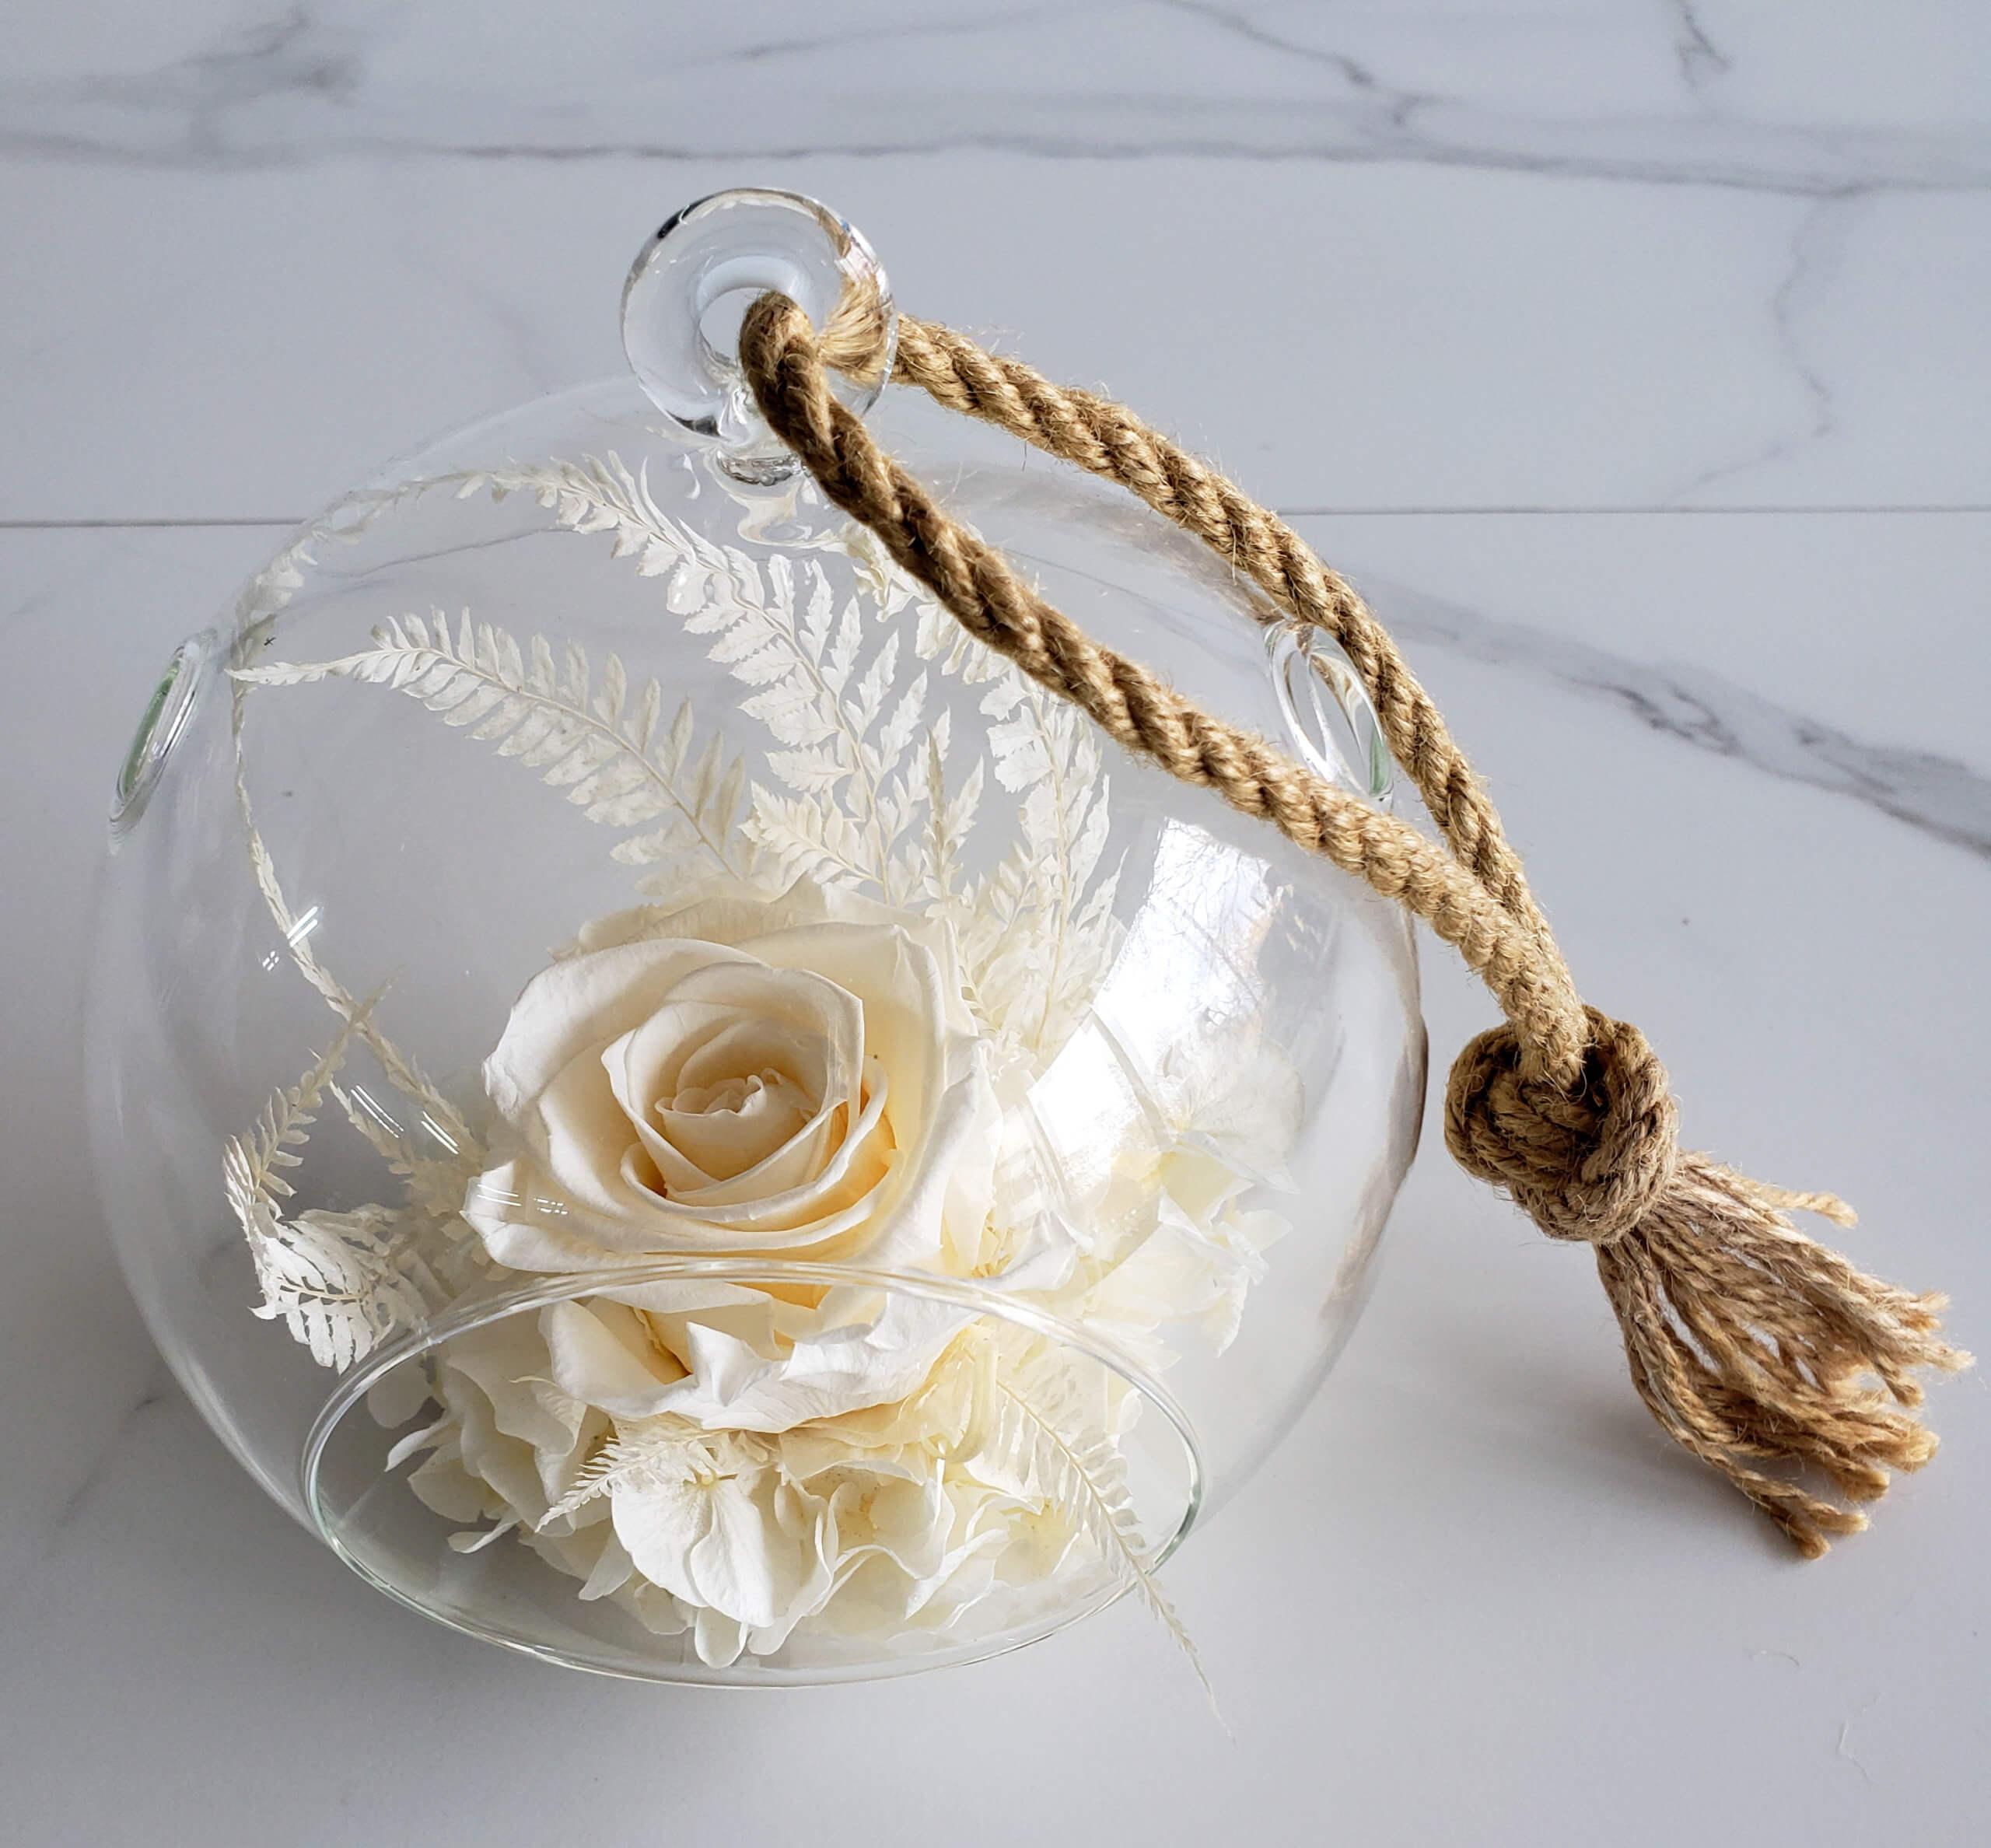 Boule en verre avec fleurs séchées